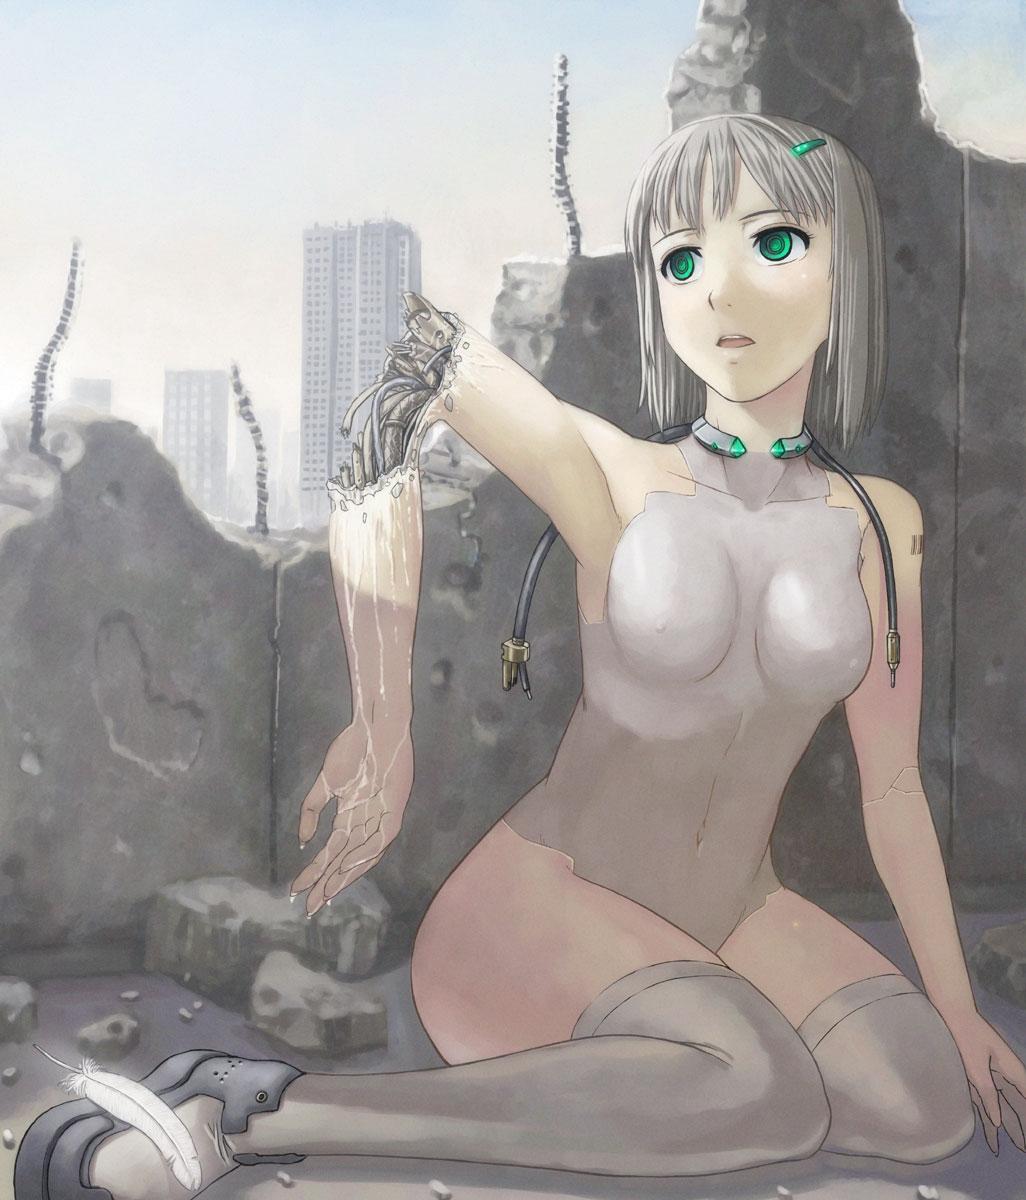 Nude robot woman porn pornos scene